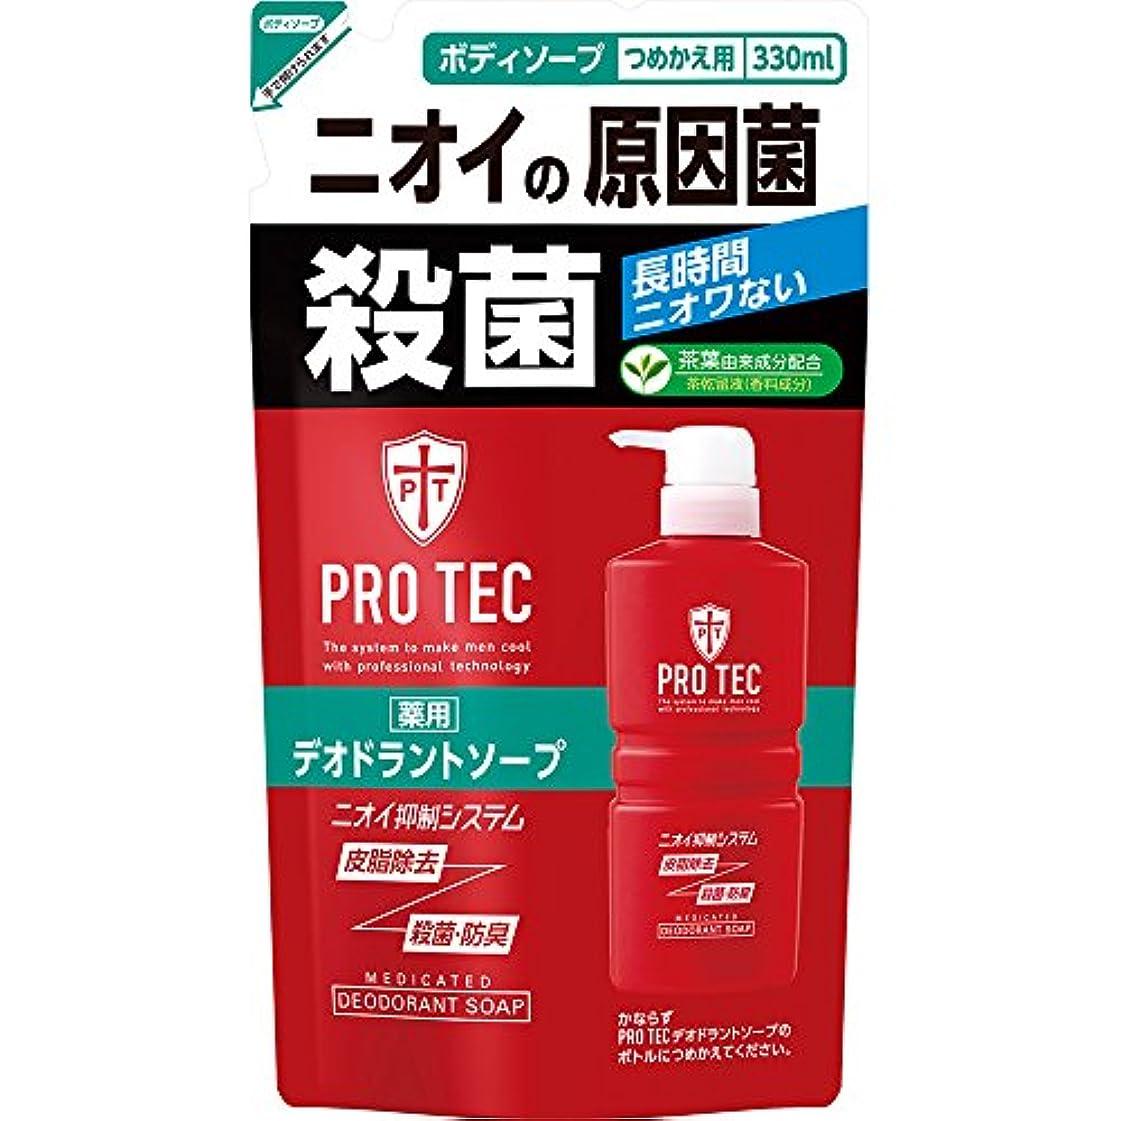 詳細な持っている枯れるPRO TEC(プロテク) デオドラントソープ 詰め替え 330ml(医薬部外品)